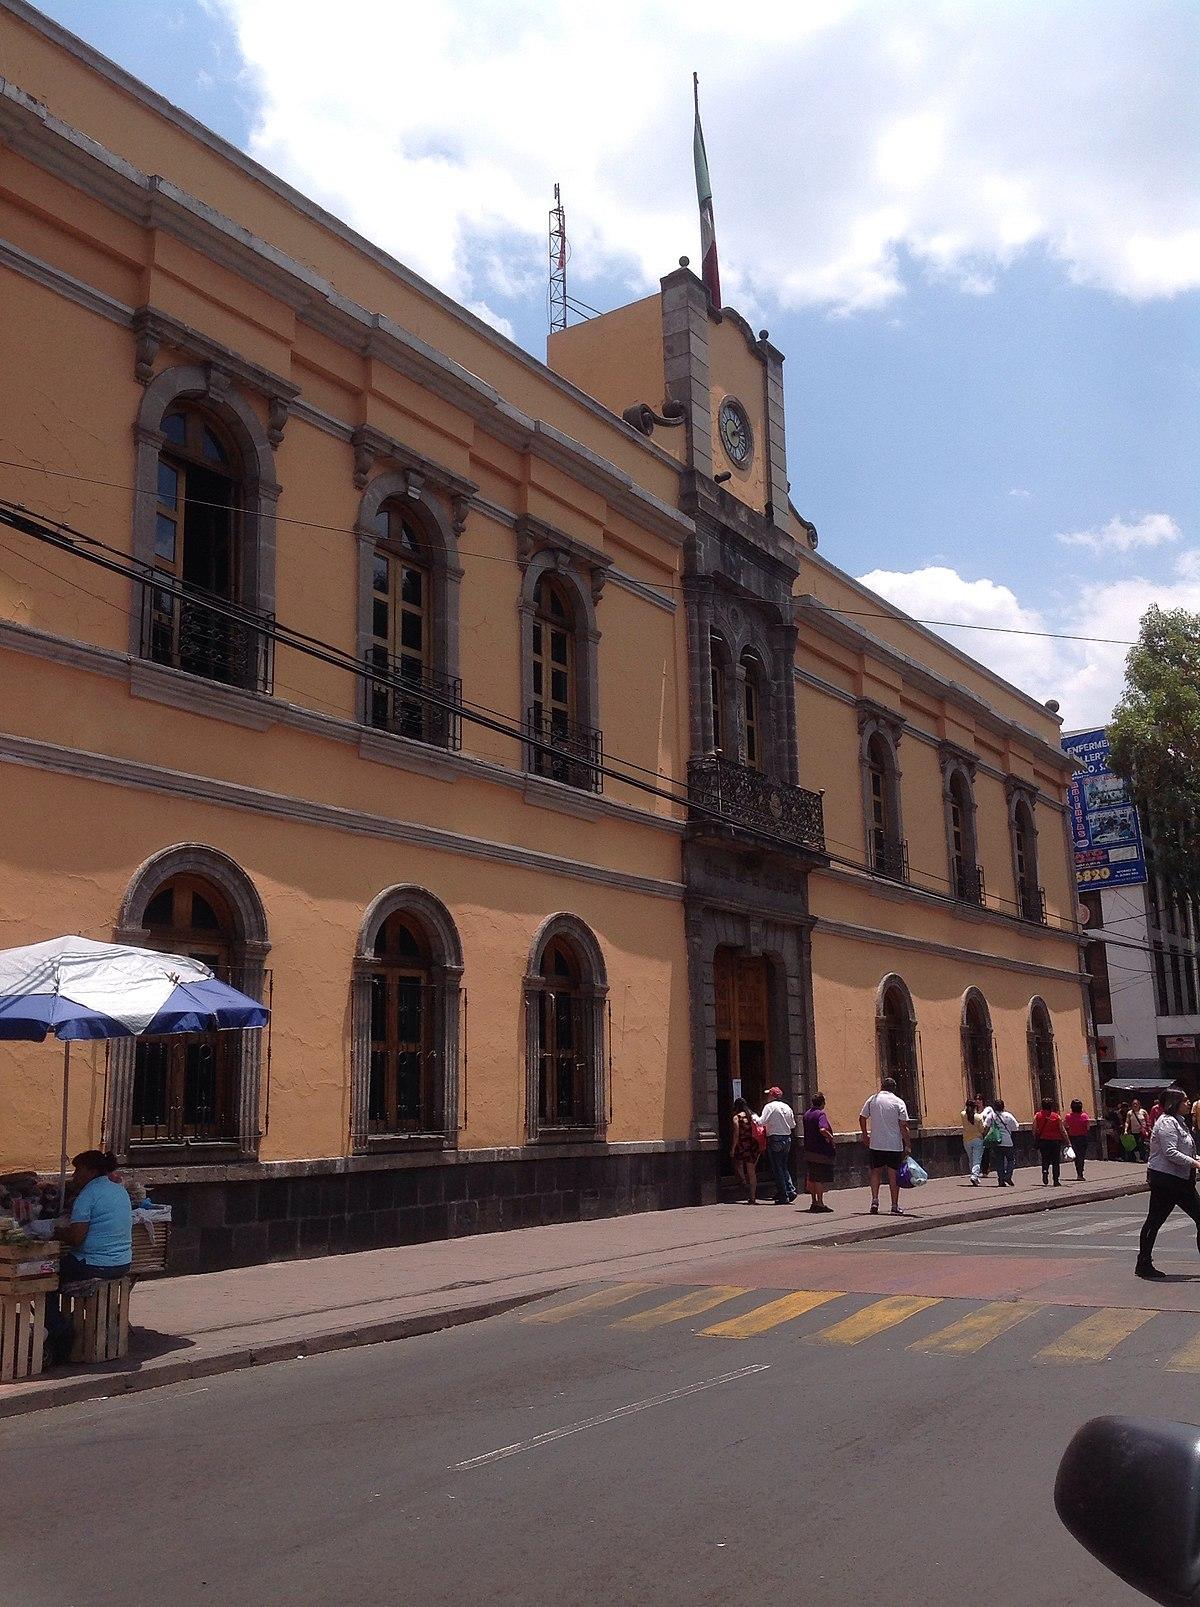 La Casa Es Muy Bonita Y Grande World Mediterranean: Casa De Cultura Azcapotzalco